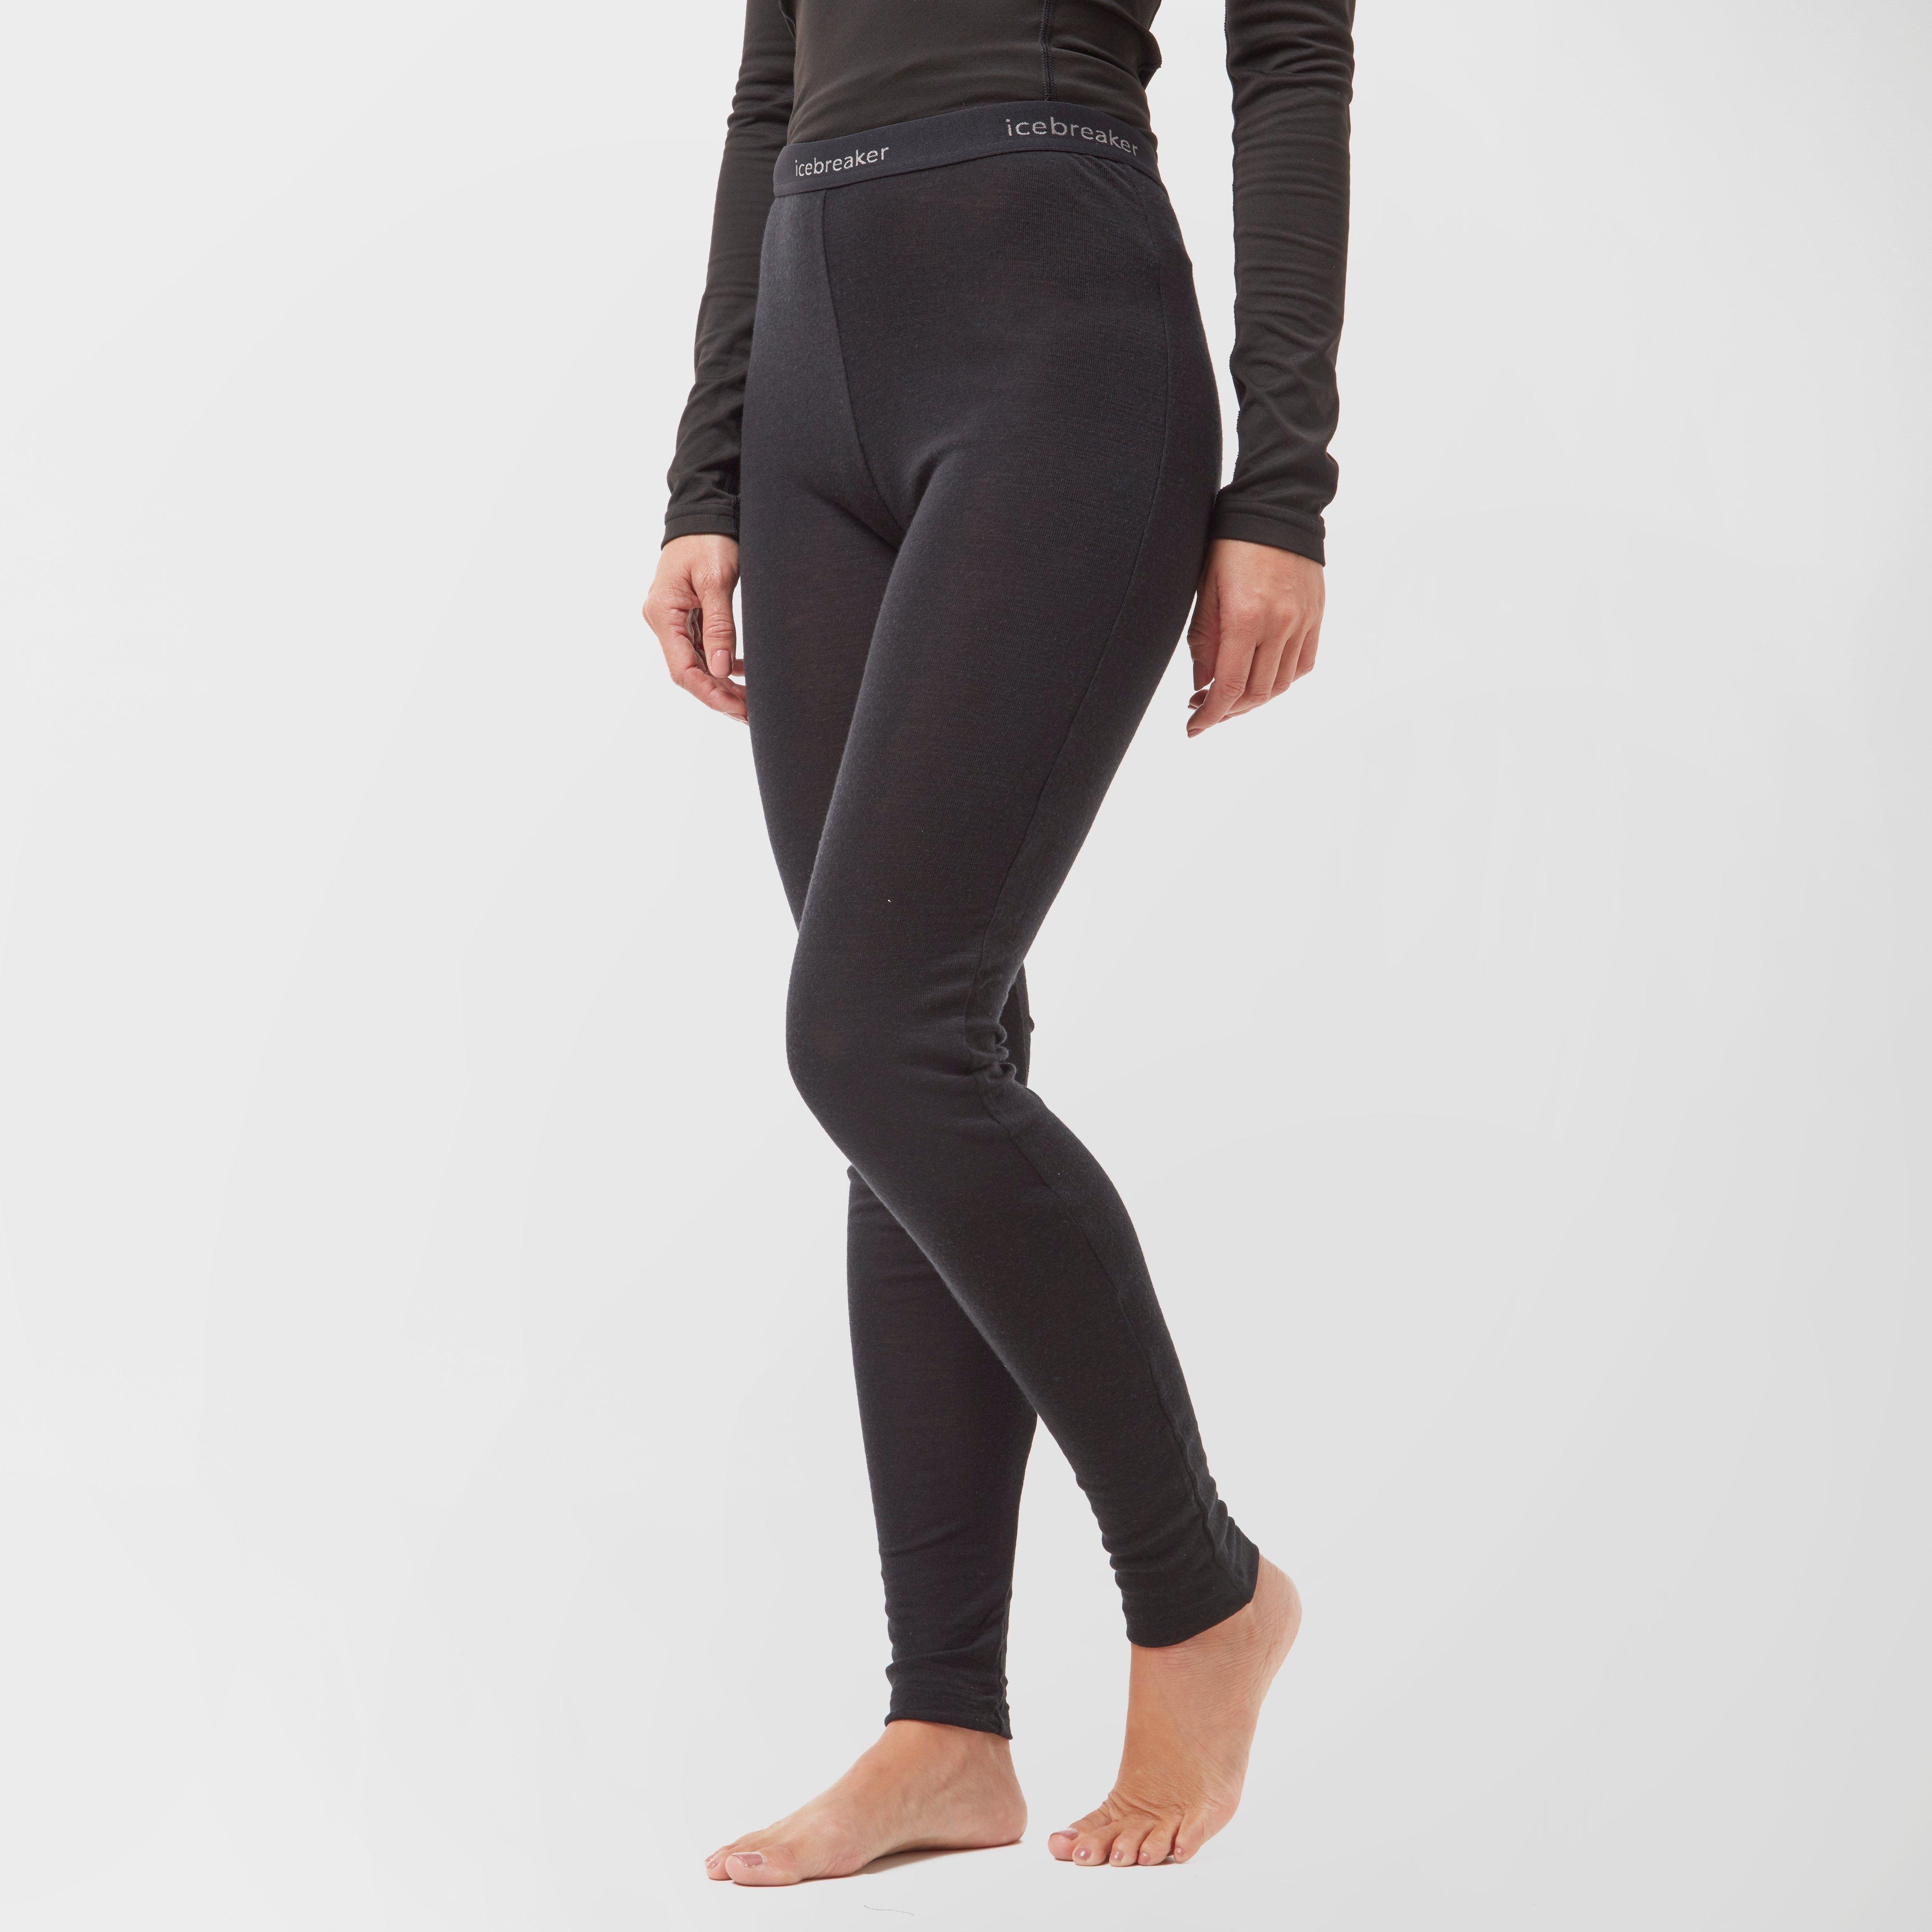 Icebreaker Women's Everyday Leggings, BLACK/BLACK